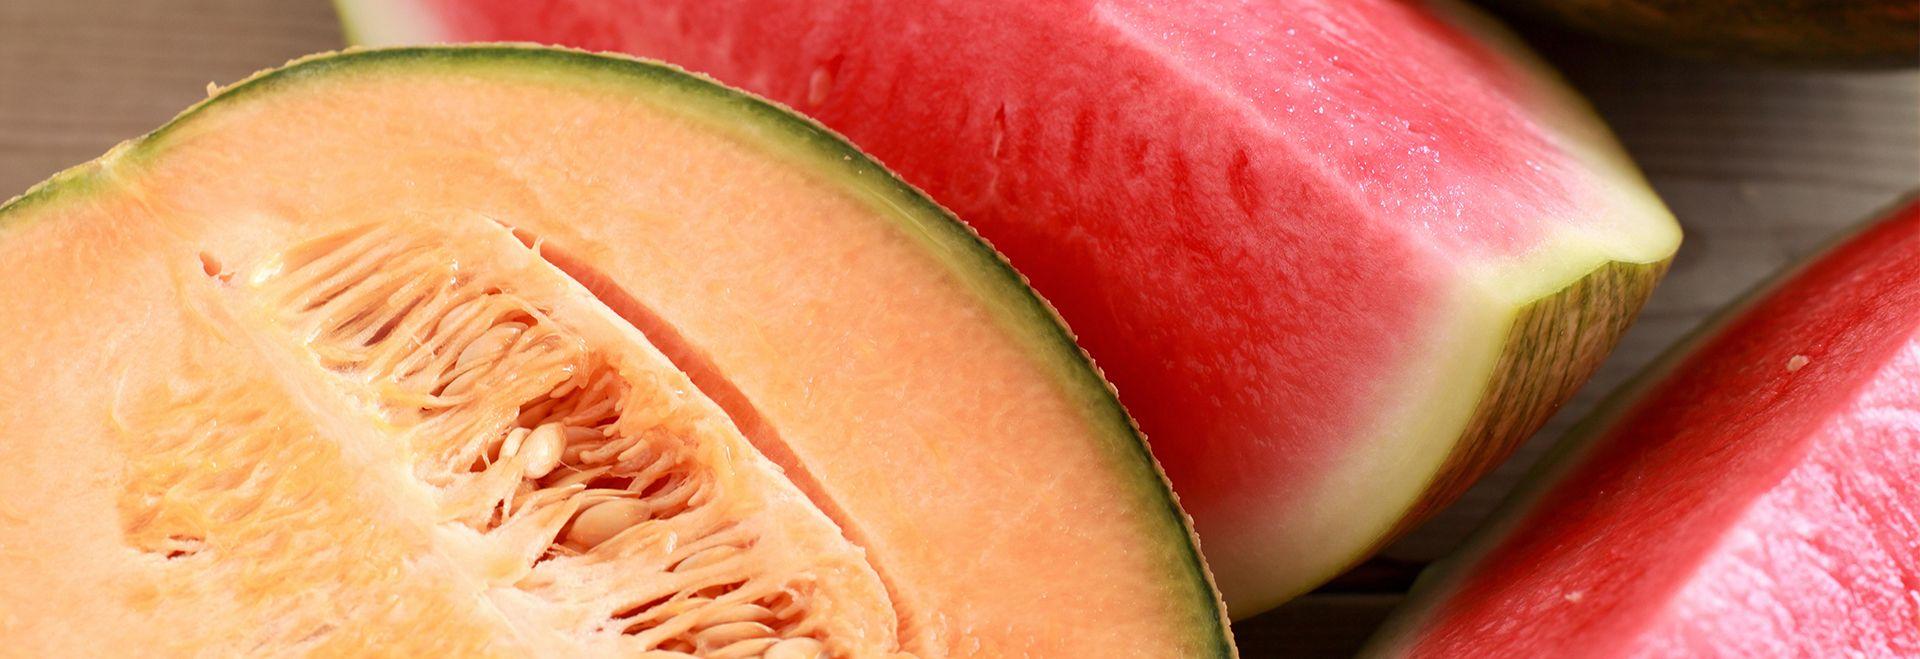 Melons et pasteques